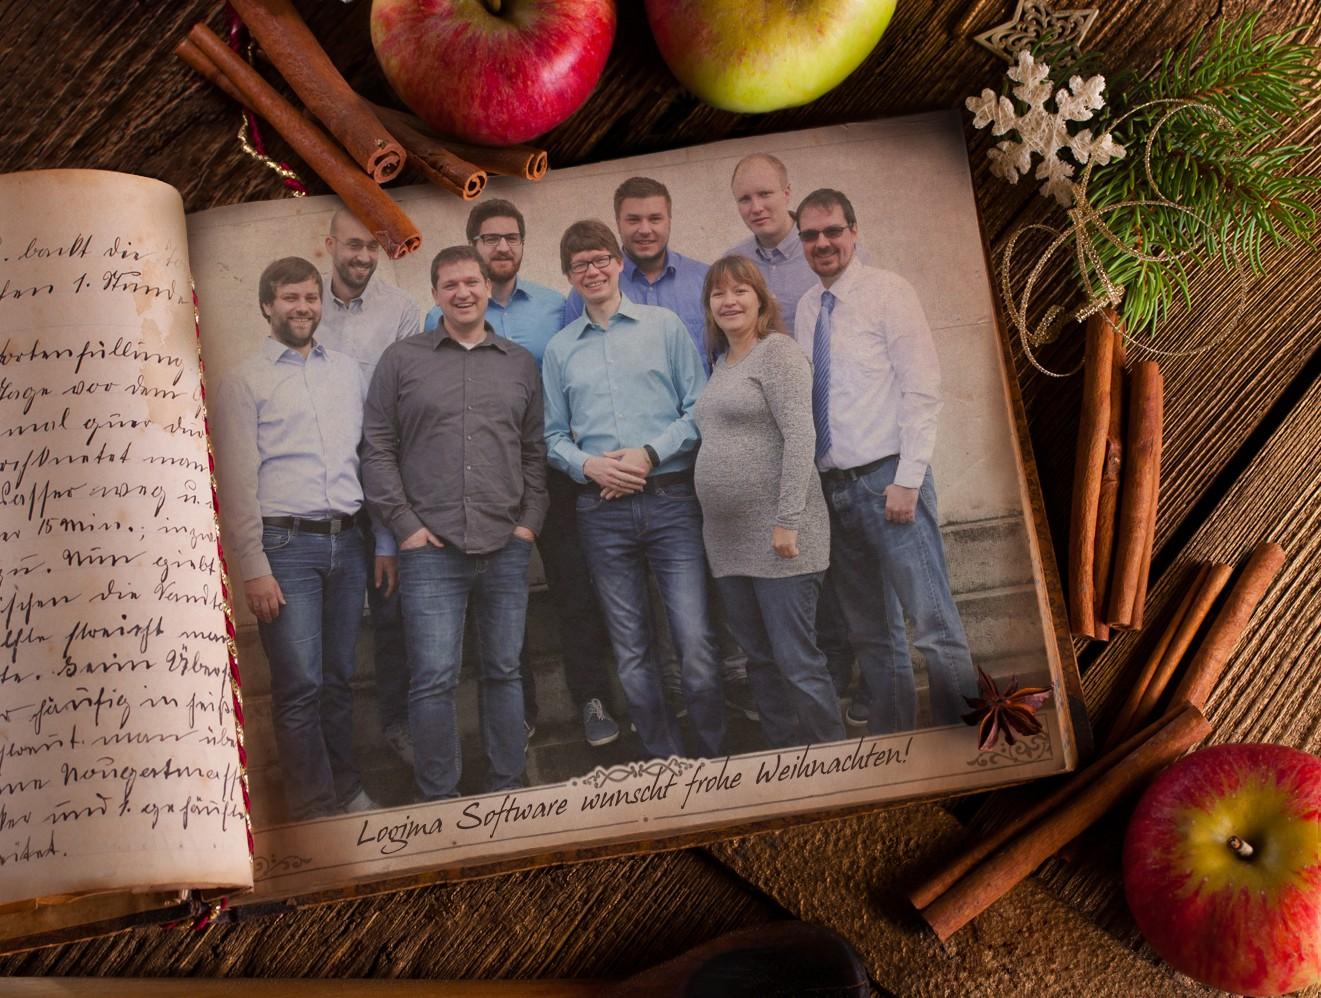 Das Team von Logima Software